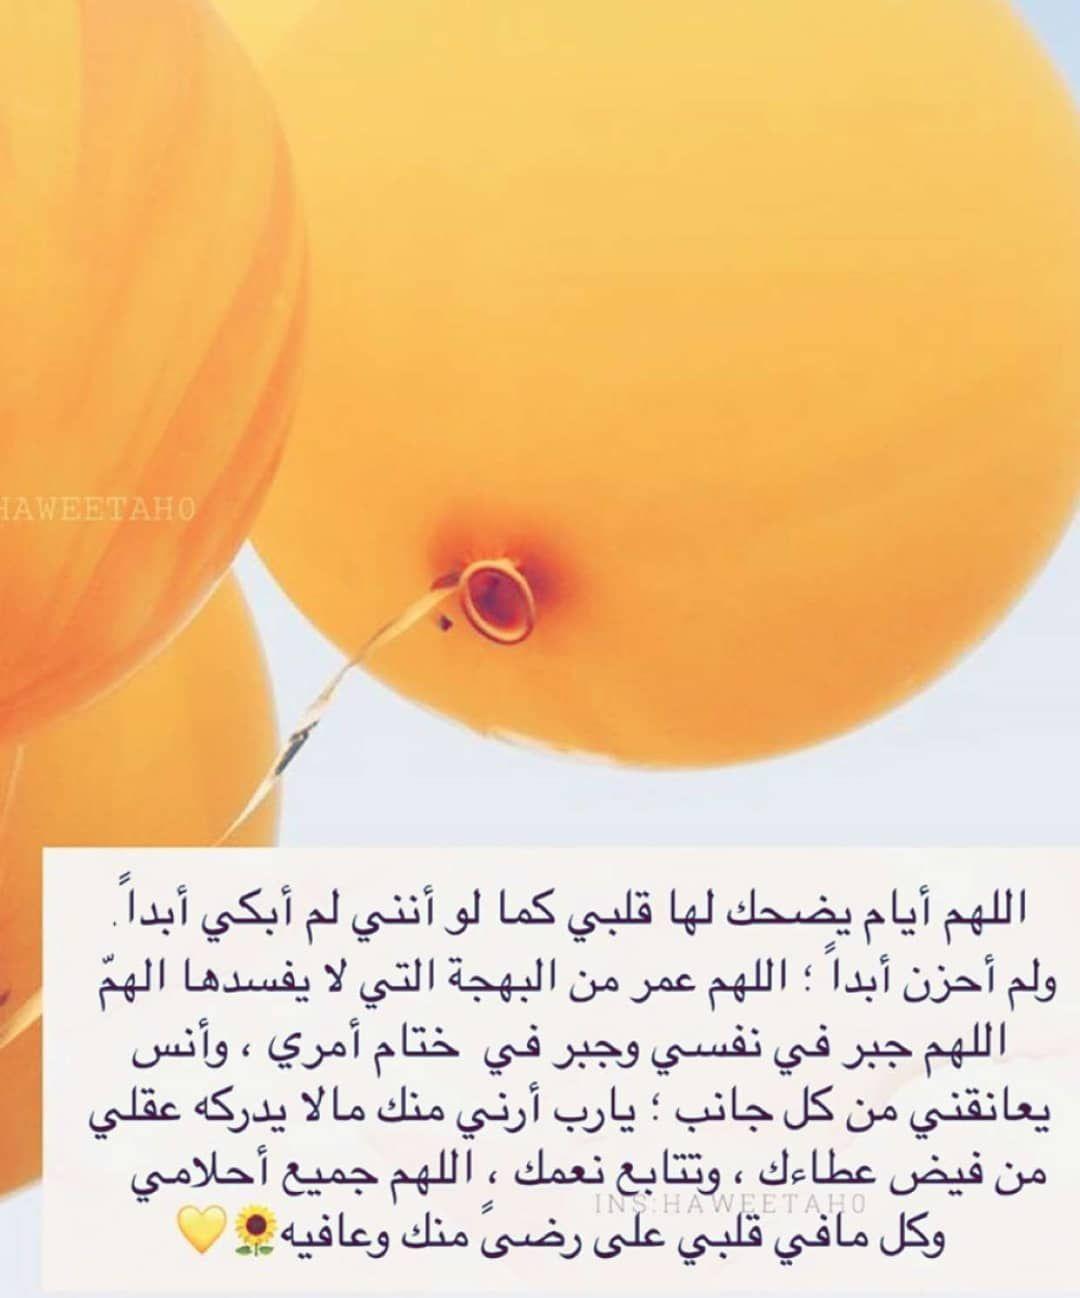 أدعية و أذكار تريح القلوب تقرب الى الله Cute Wallpapers Islamic Quotes Crafts